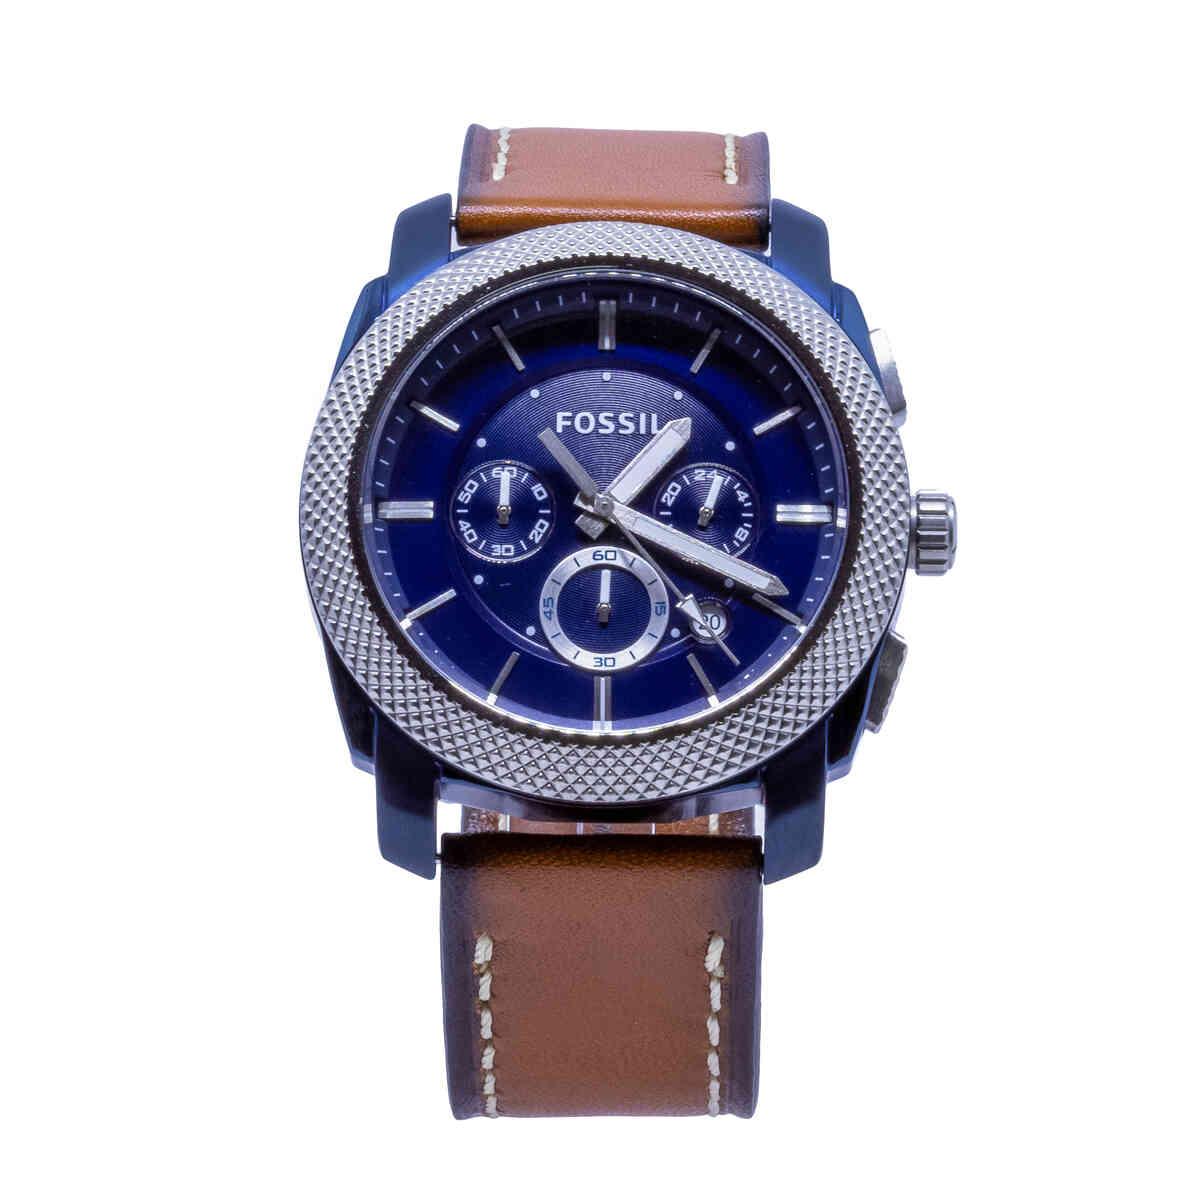 Relógio de Pulso Fossil Old Stock Masculino com Pulseira de Couro FS5232